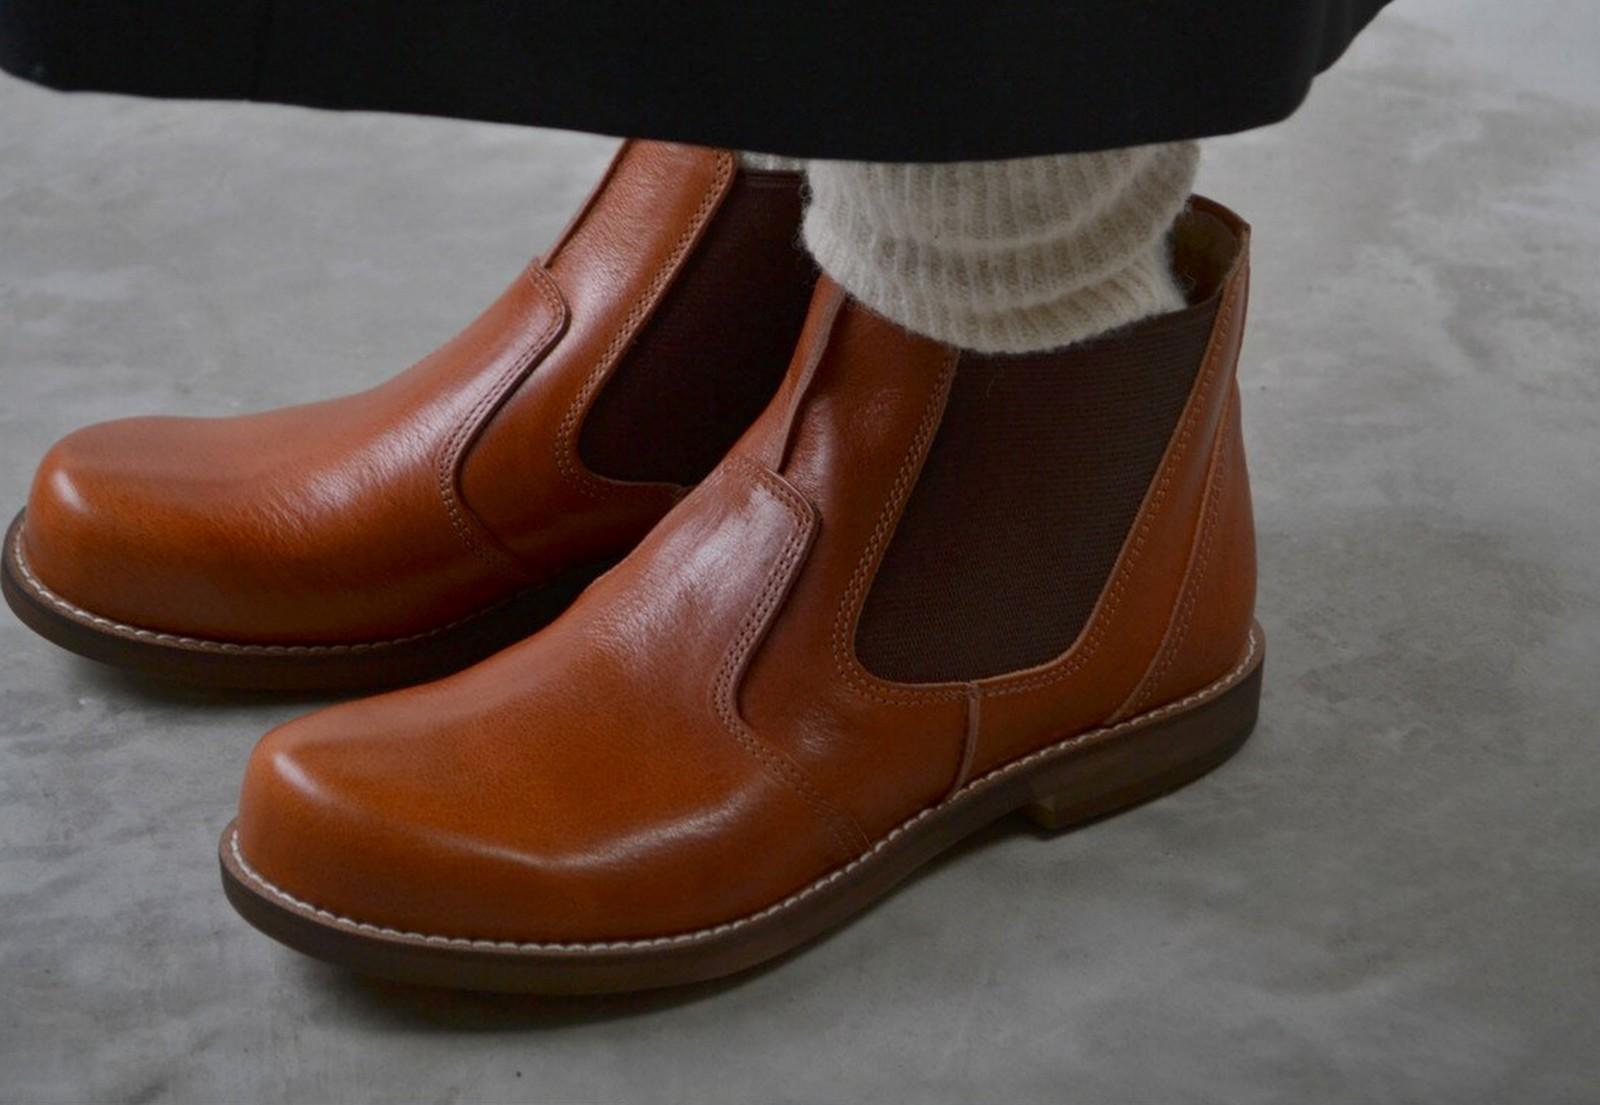 GROW NATURALLY グロウナチュラリー 予約アイテム GN-2045 サイドゴアレザーブーツ 送料無料 全2色 シューズ ブーツ レザー 小さいサイズ 大きいサイズ